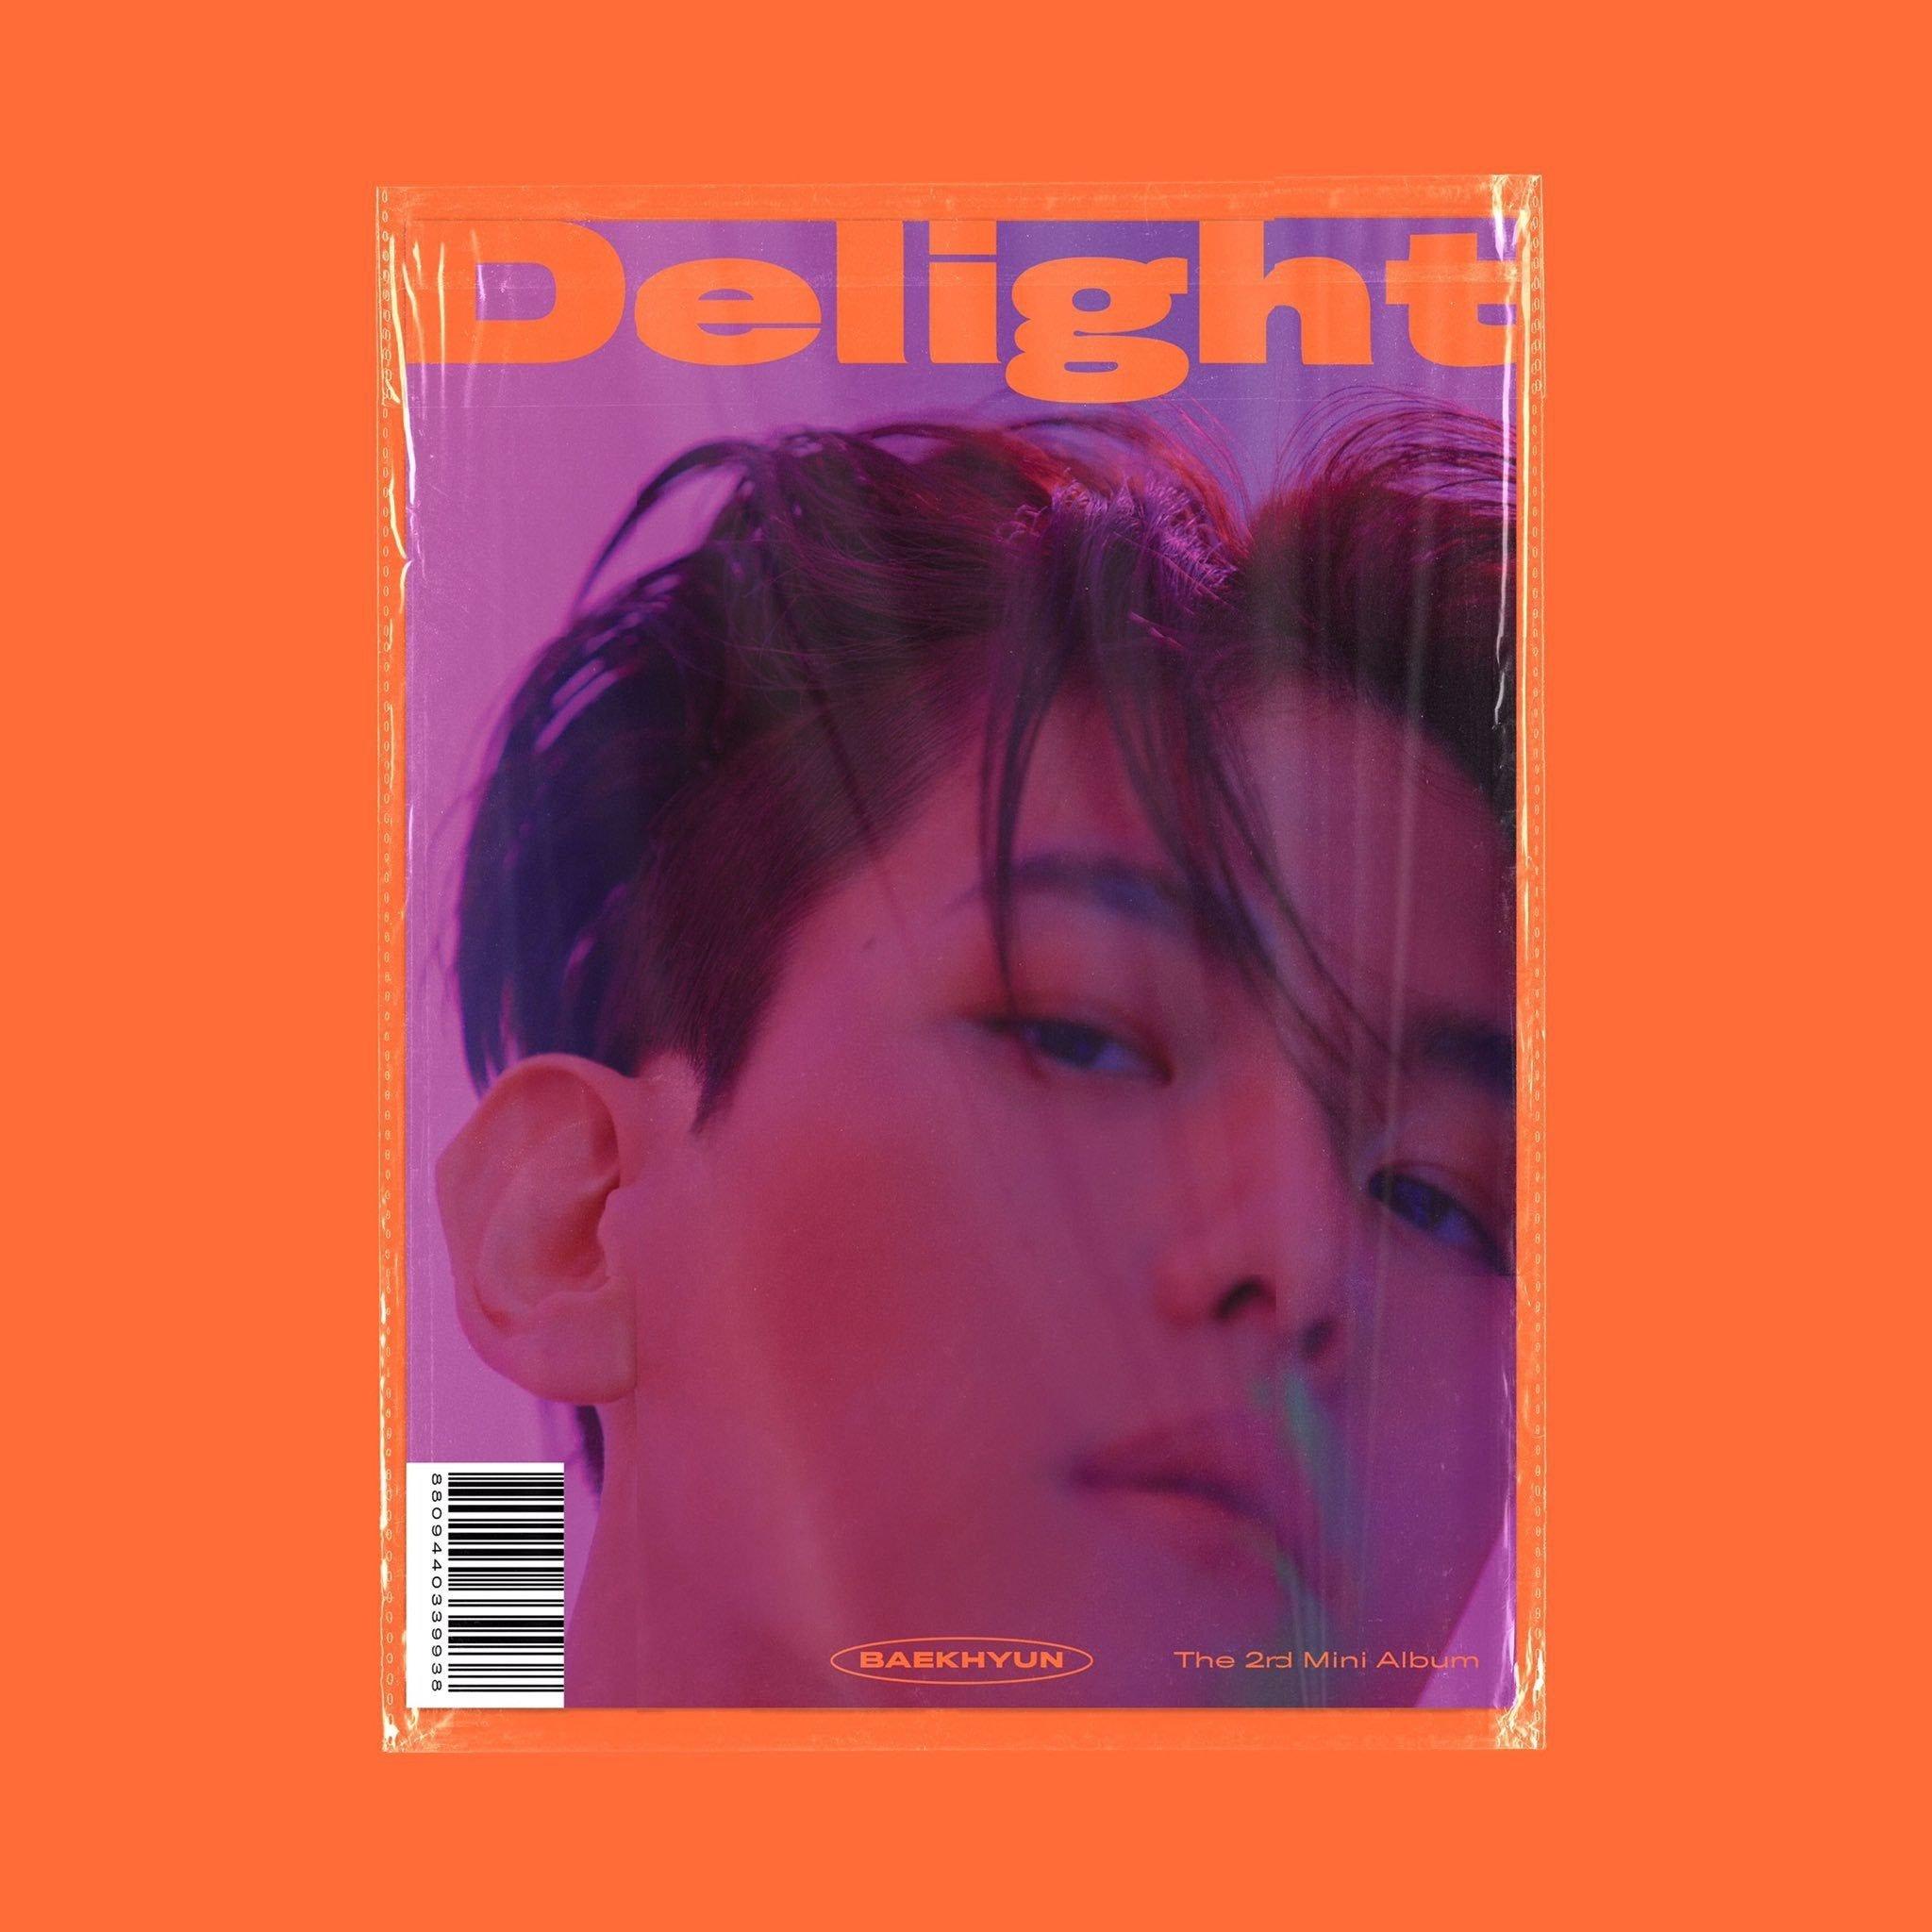 2020年韩国专辑销量TOP10,防弹少年团(BTS)、SEVENTEEN、NCT太厉害了!你家偶像上榜了吗?插图8